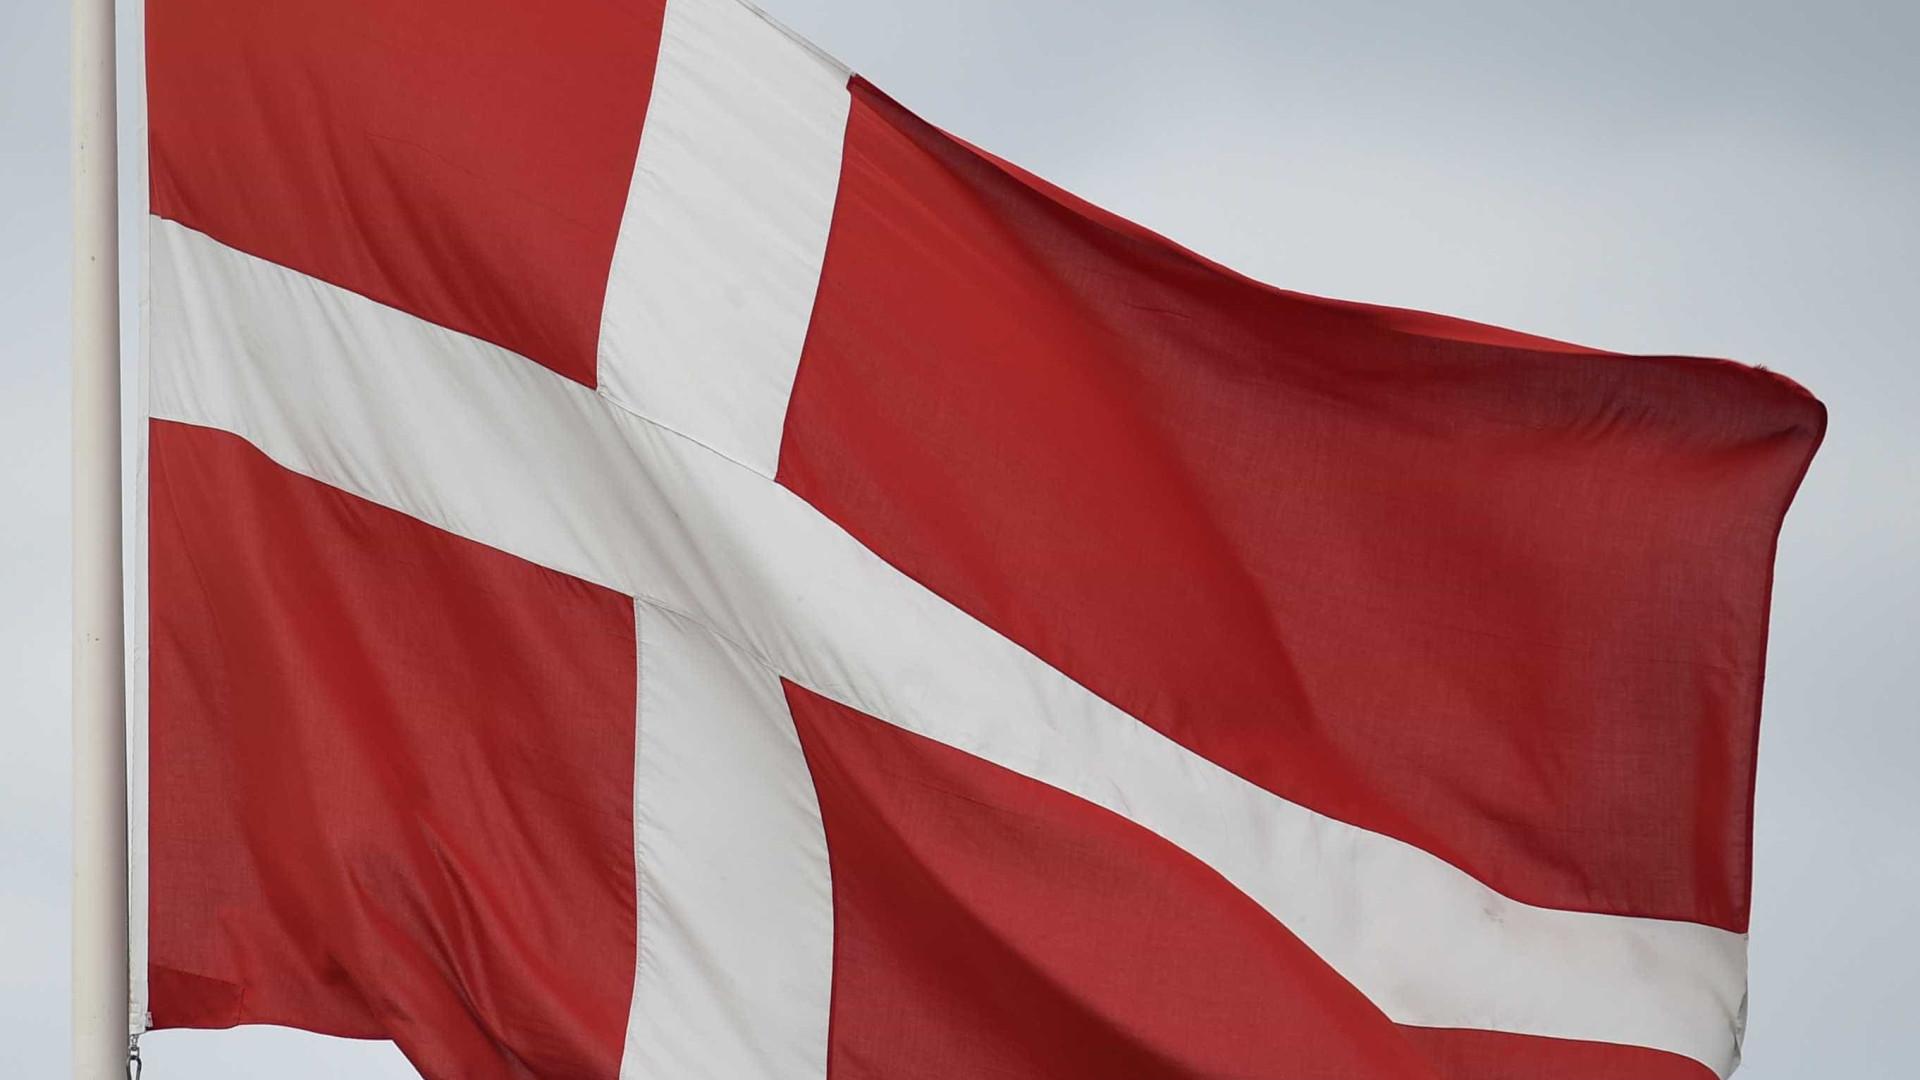 Torso encontrado em praia na Dinamarca é de jornalista desaparecida